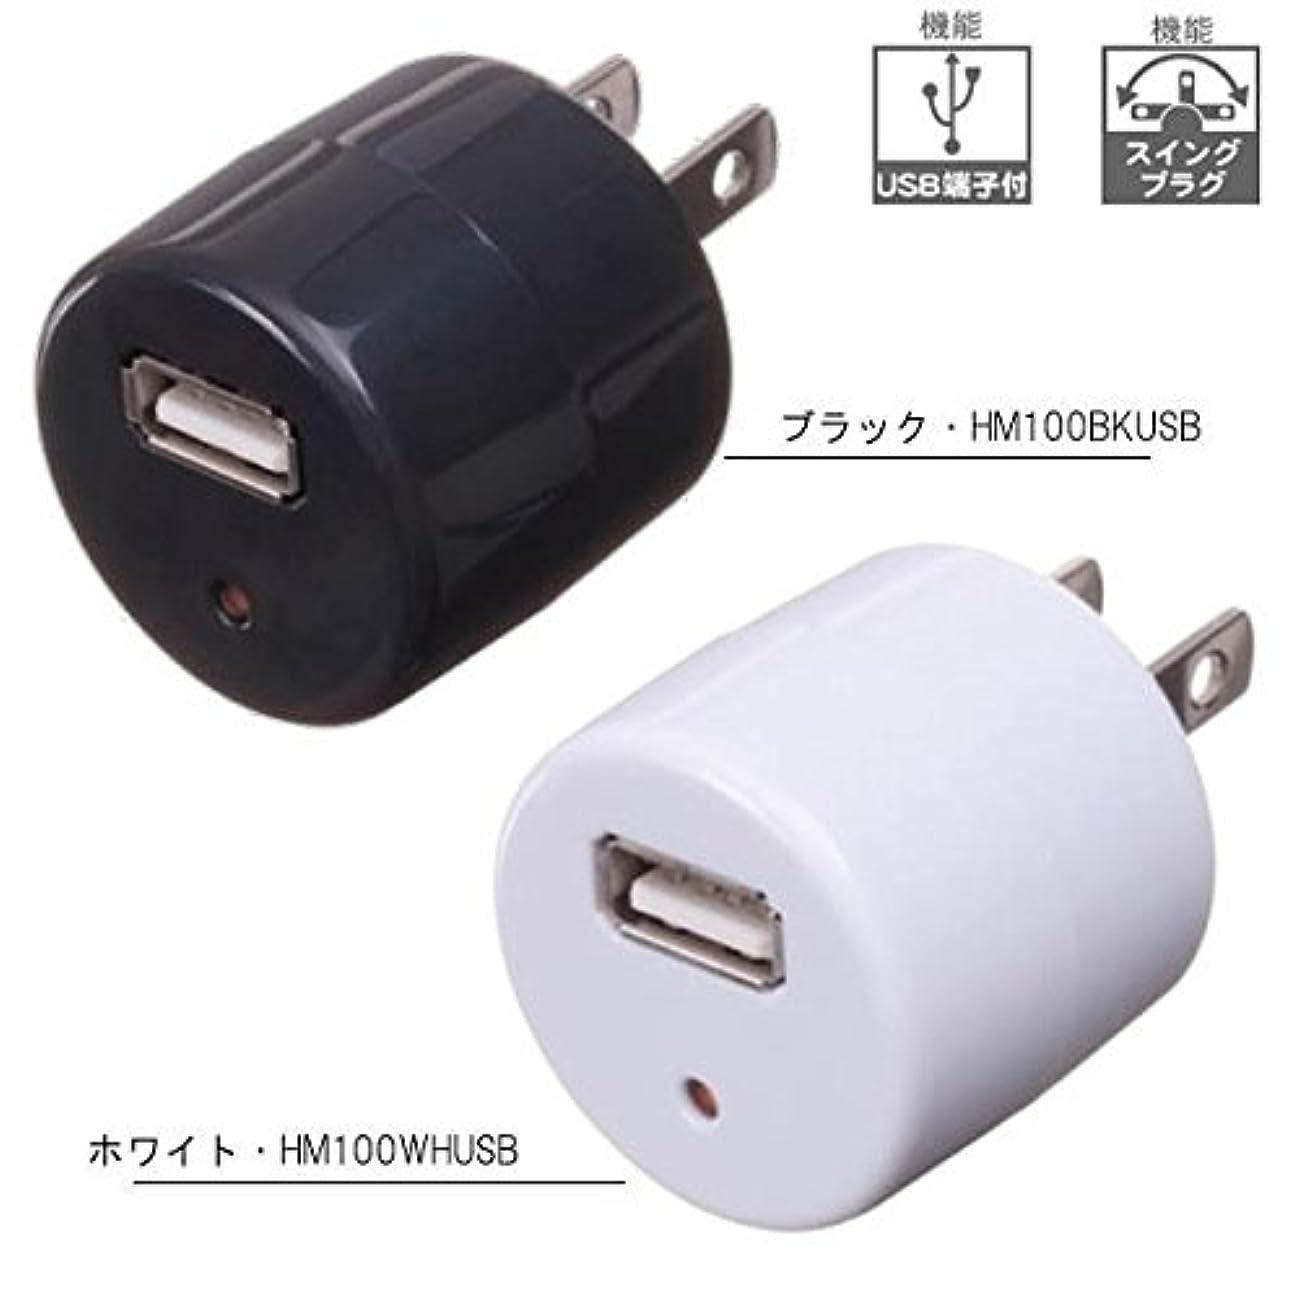 再編成するあざラバYAZAWA(ヤザワ) AC-USB変換アダプター ブラック?HM100BKUSB